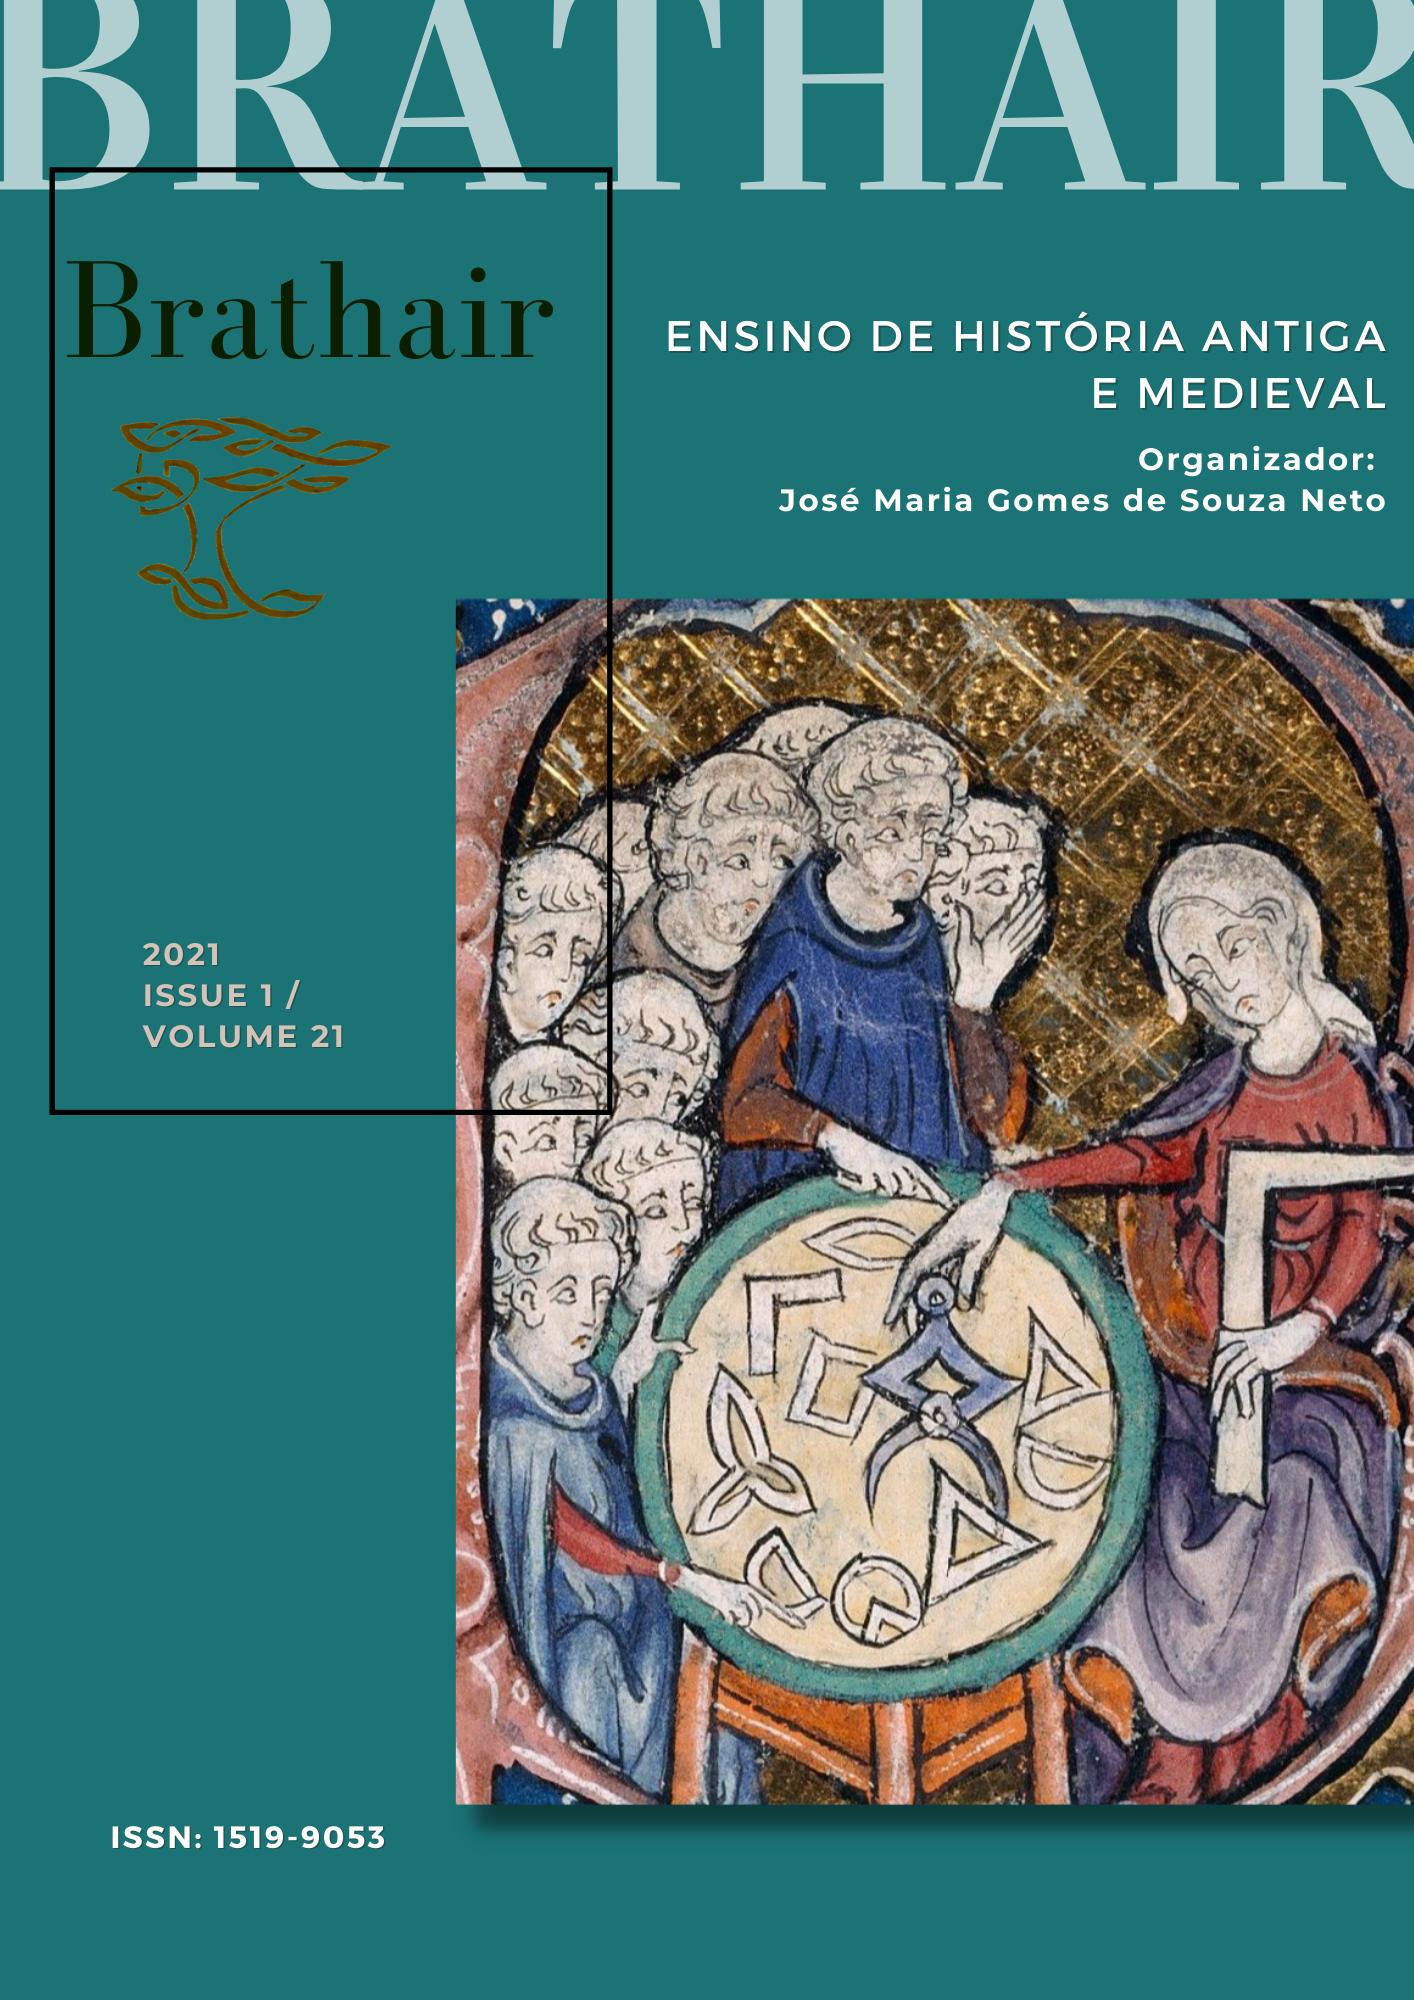 Visualizar v. 1 n. 21 (2021): Ensino de História: Antiga e Medieval